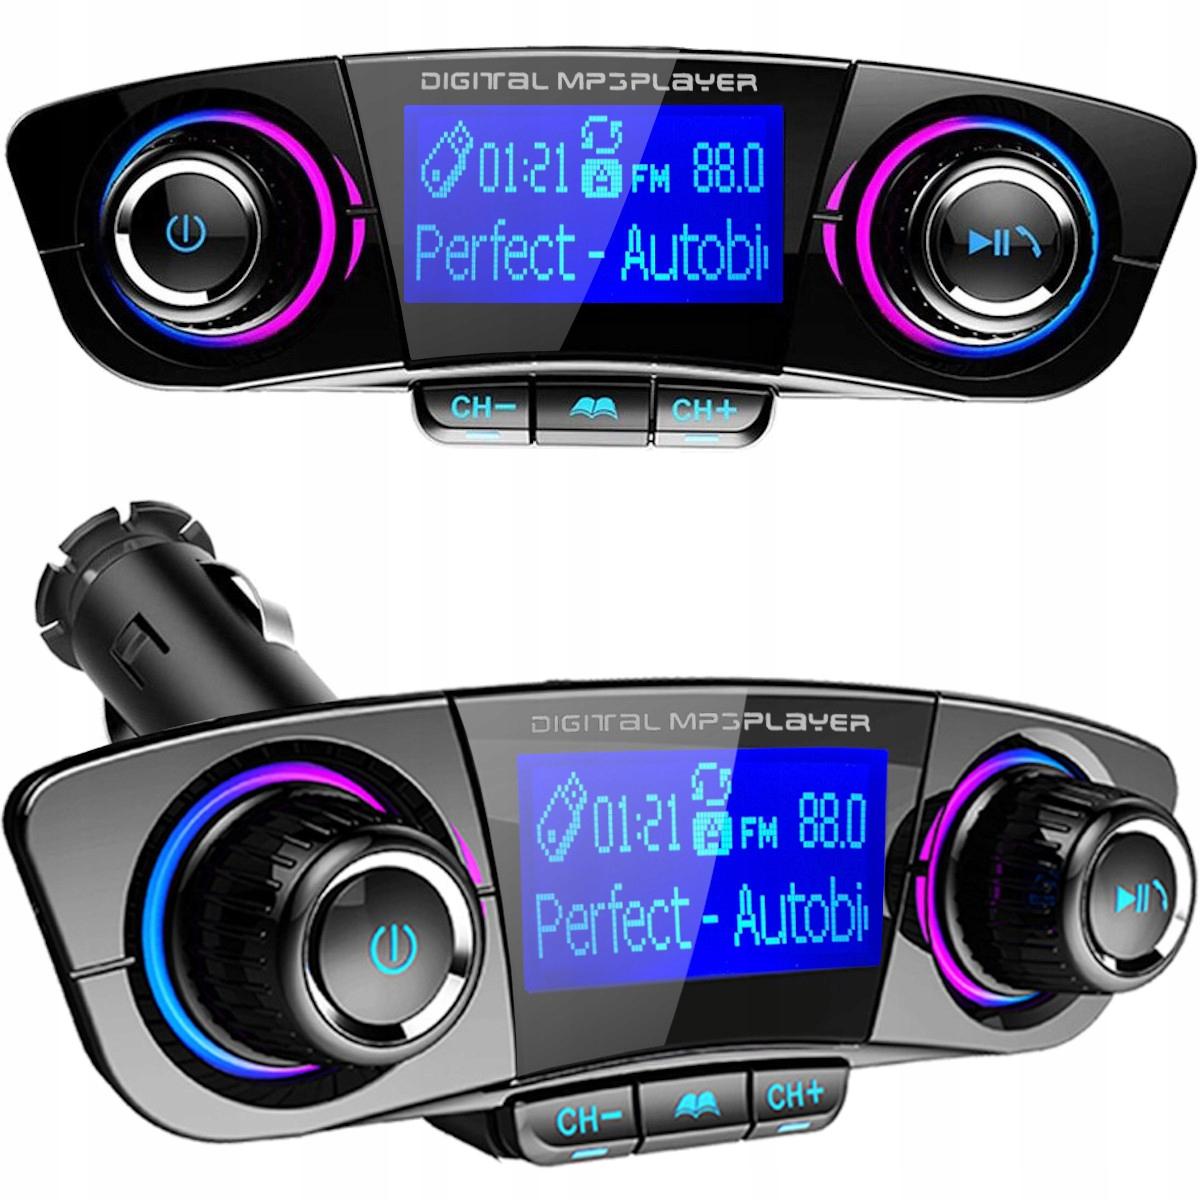 ПЕРЕДАТЧИК FM BLUETOOTH 5.0 USB многофункциональный 8в1